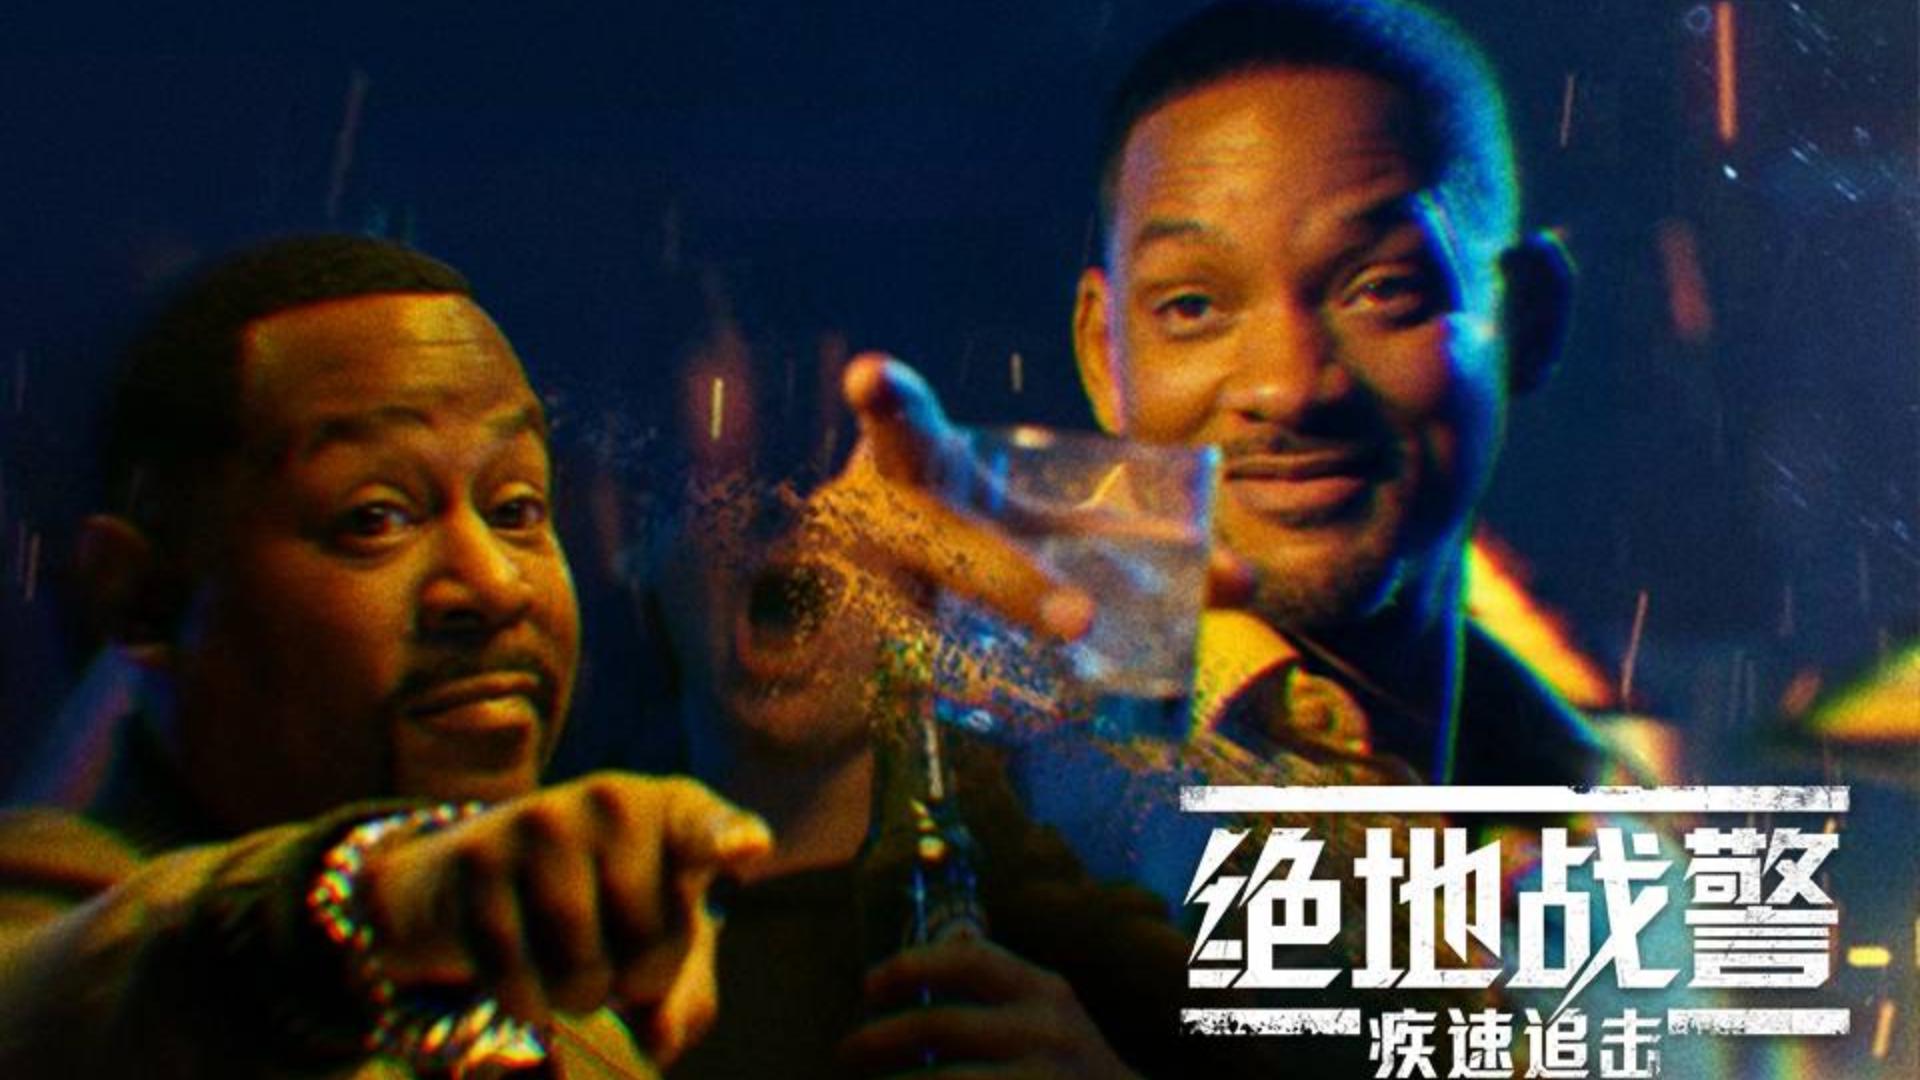 《绝地战警:疾速追击》曝重返江湖特辑 最强老铁再度出击